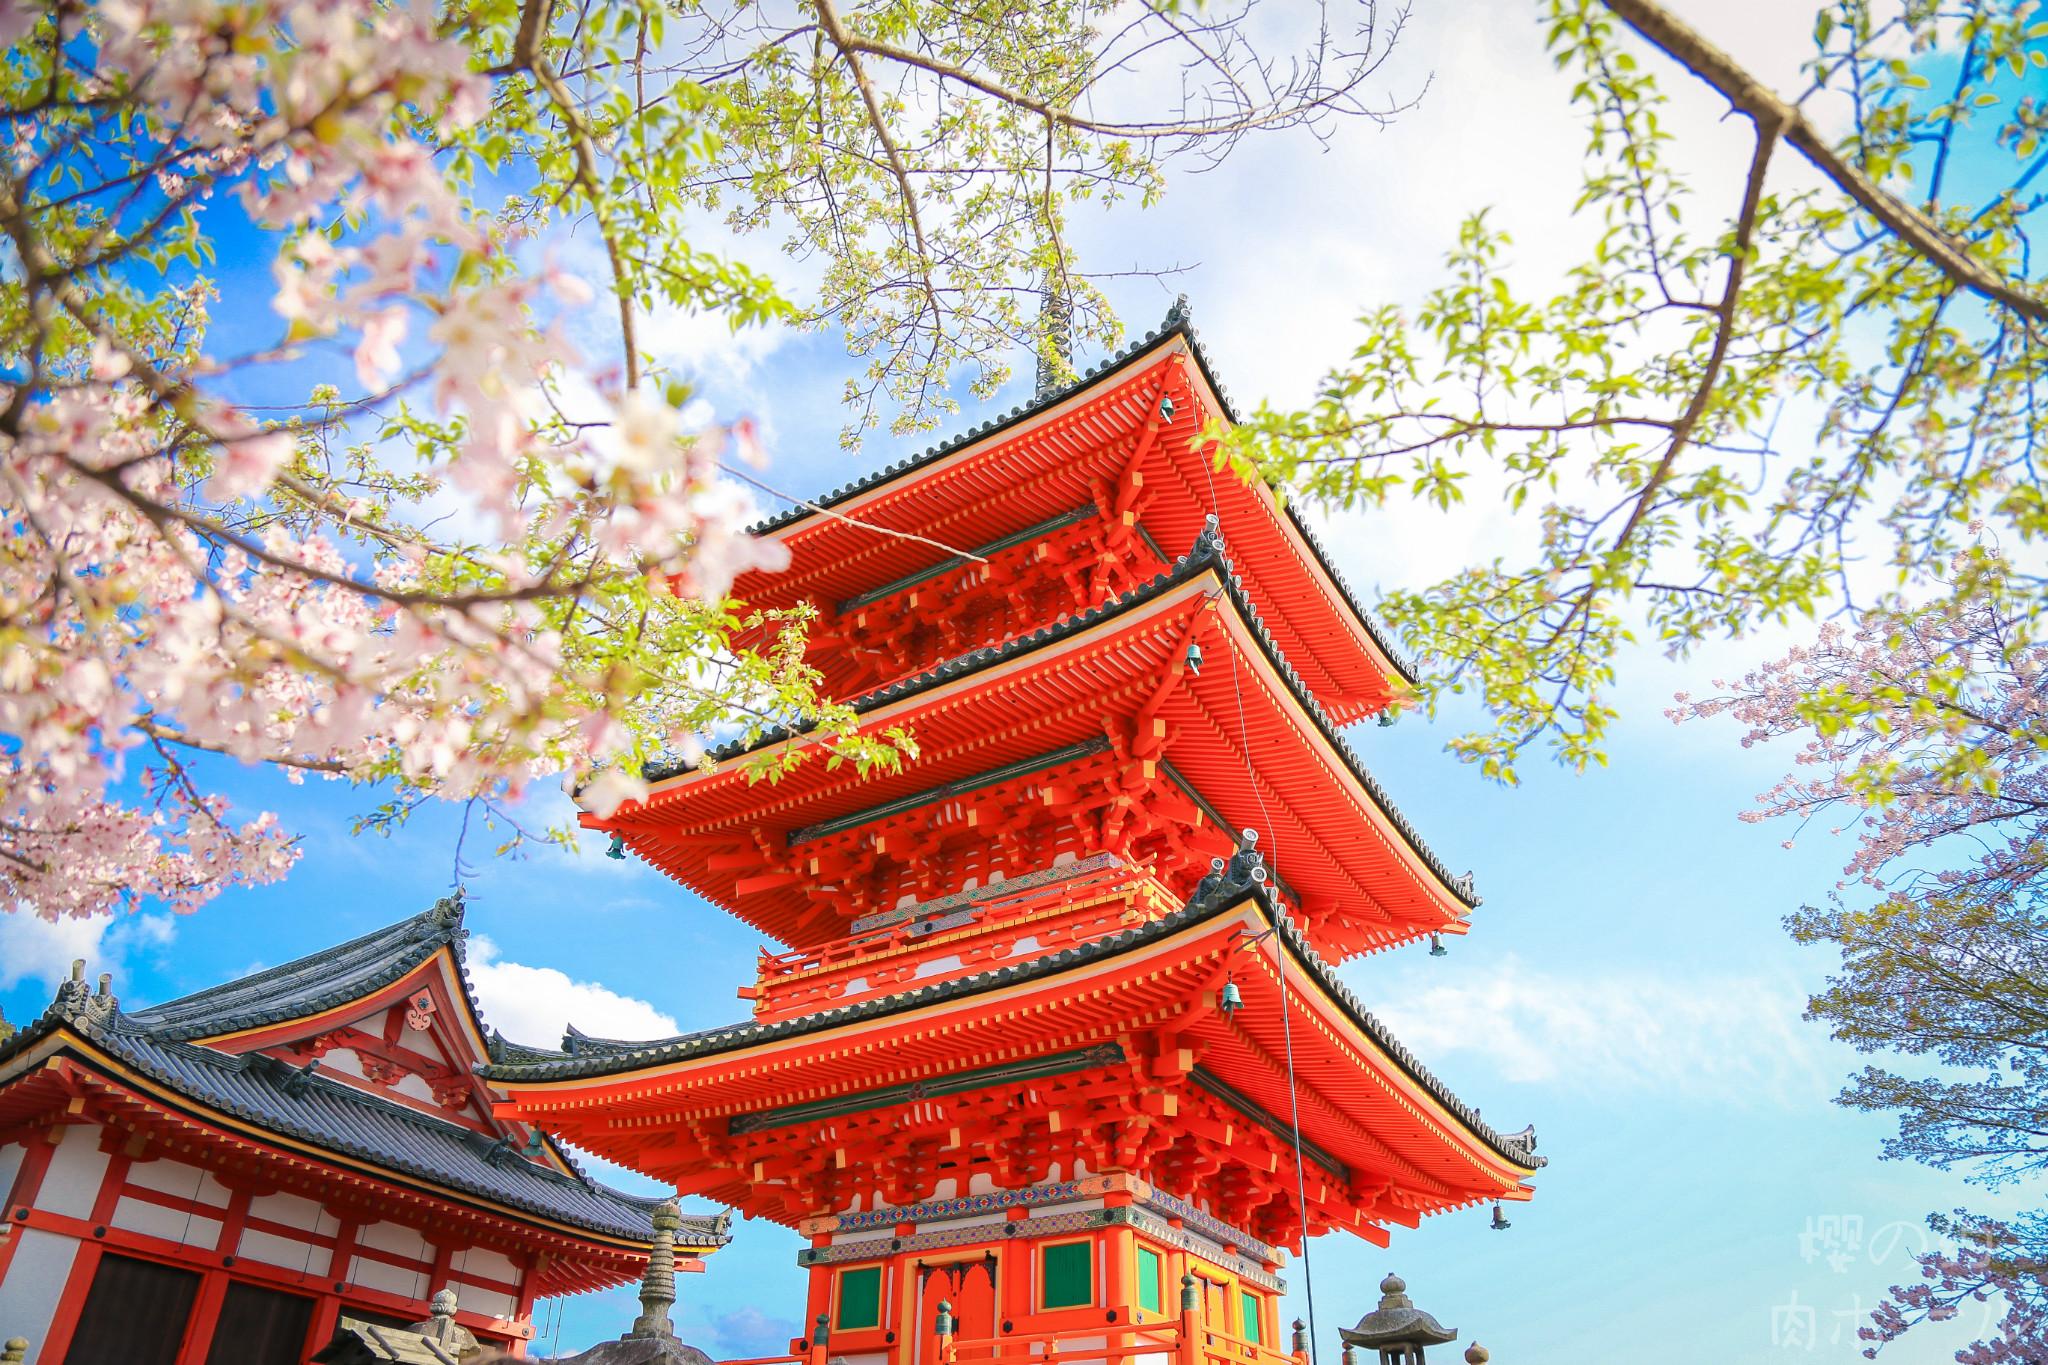 【日本景点图片】清水寺